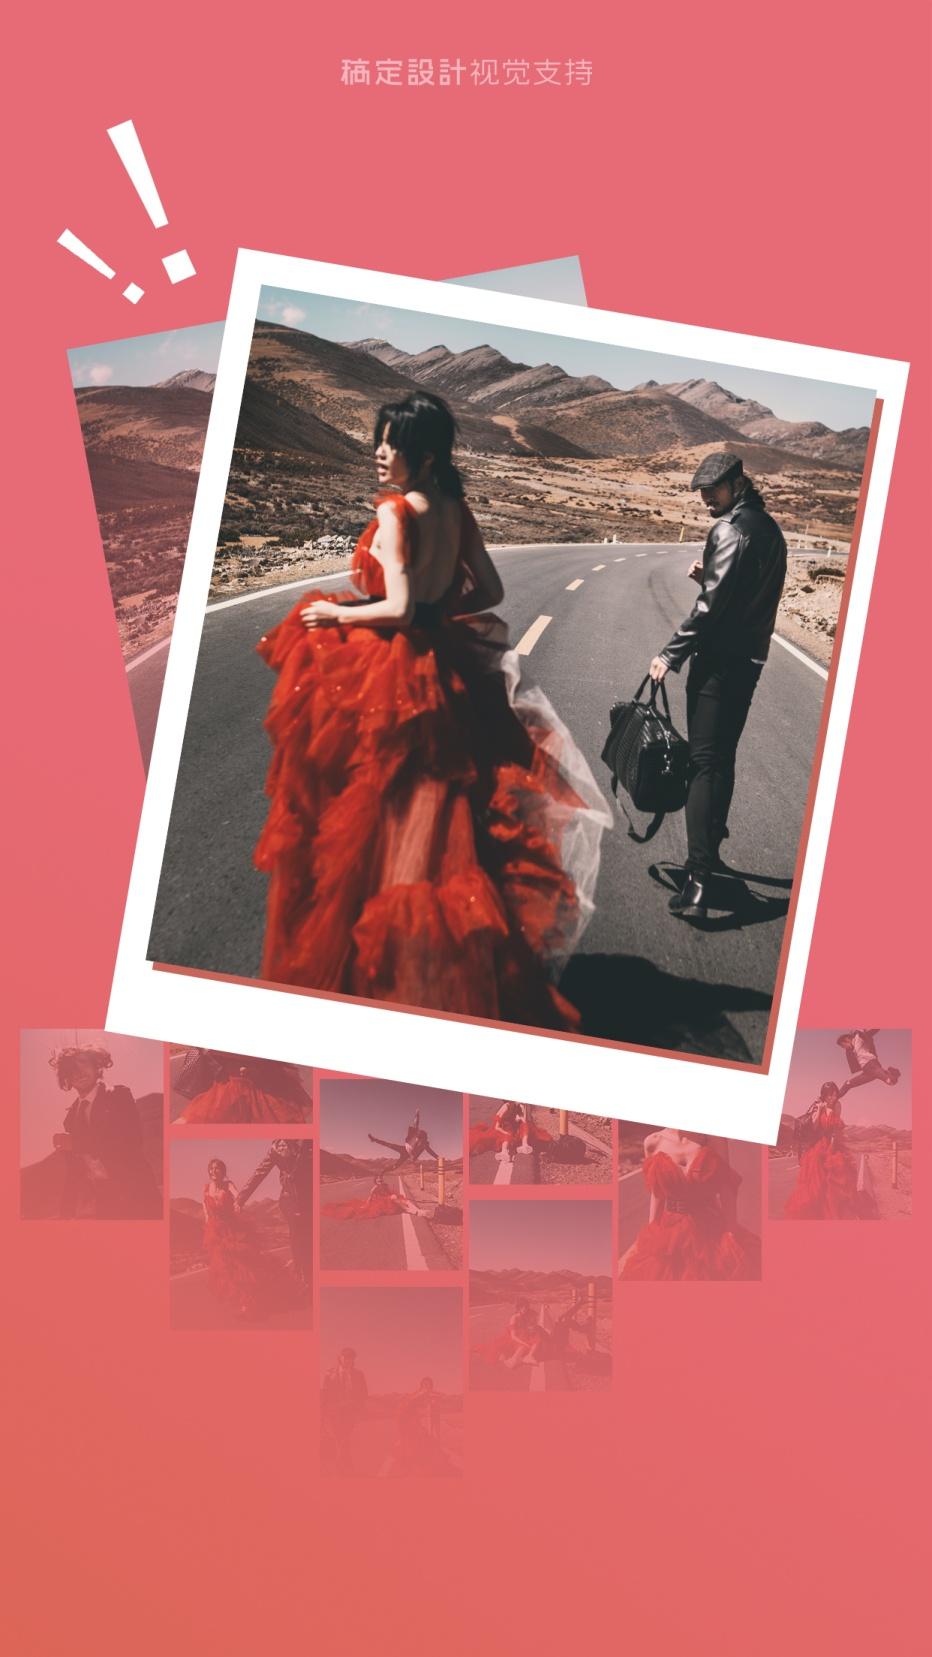 婚纱摄影客照展示创意爱心拼图